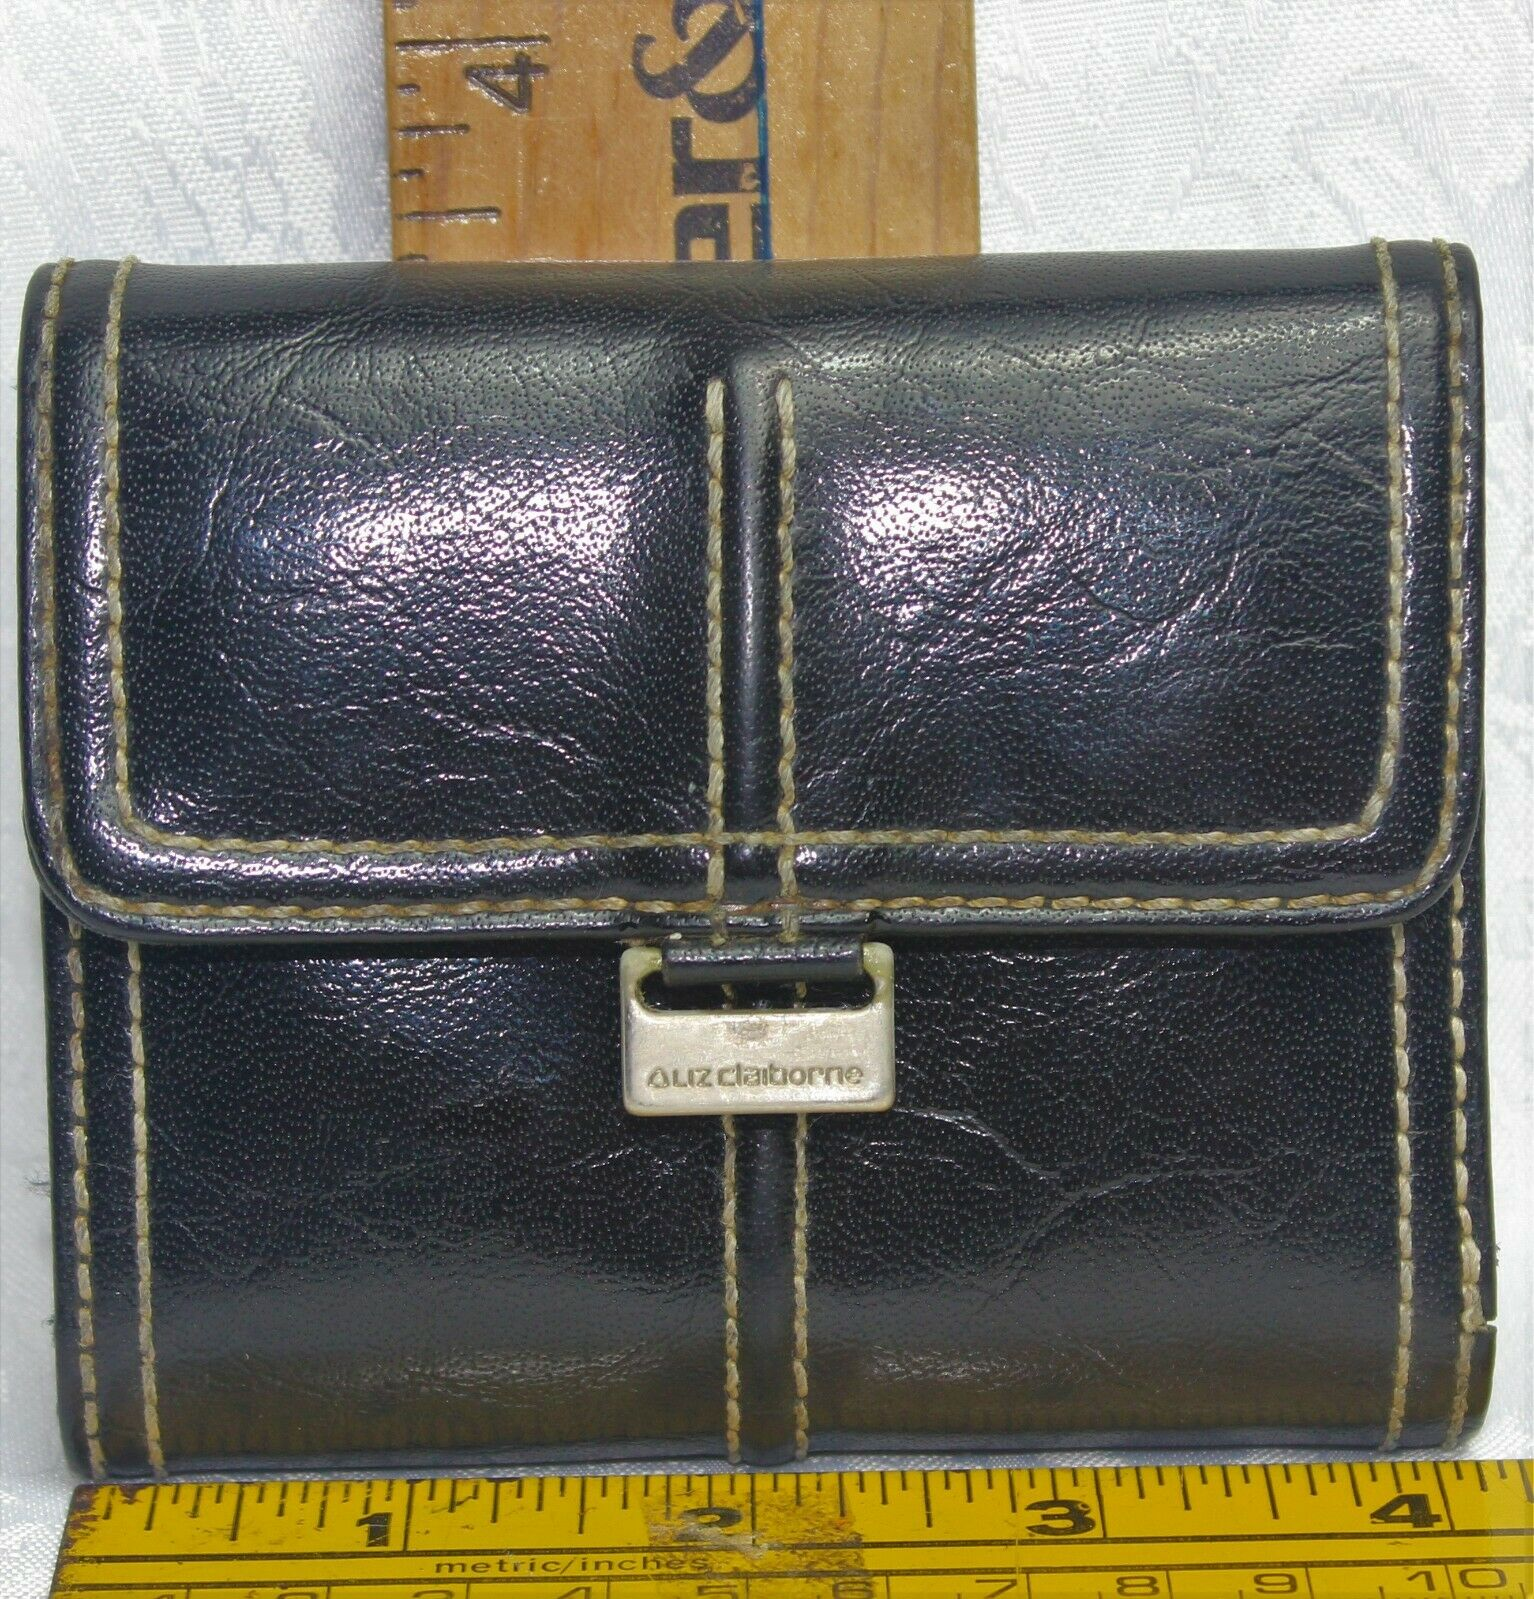 Liz Claiborne Faux Leather Tri-Fold Wallet